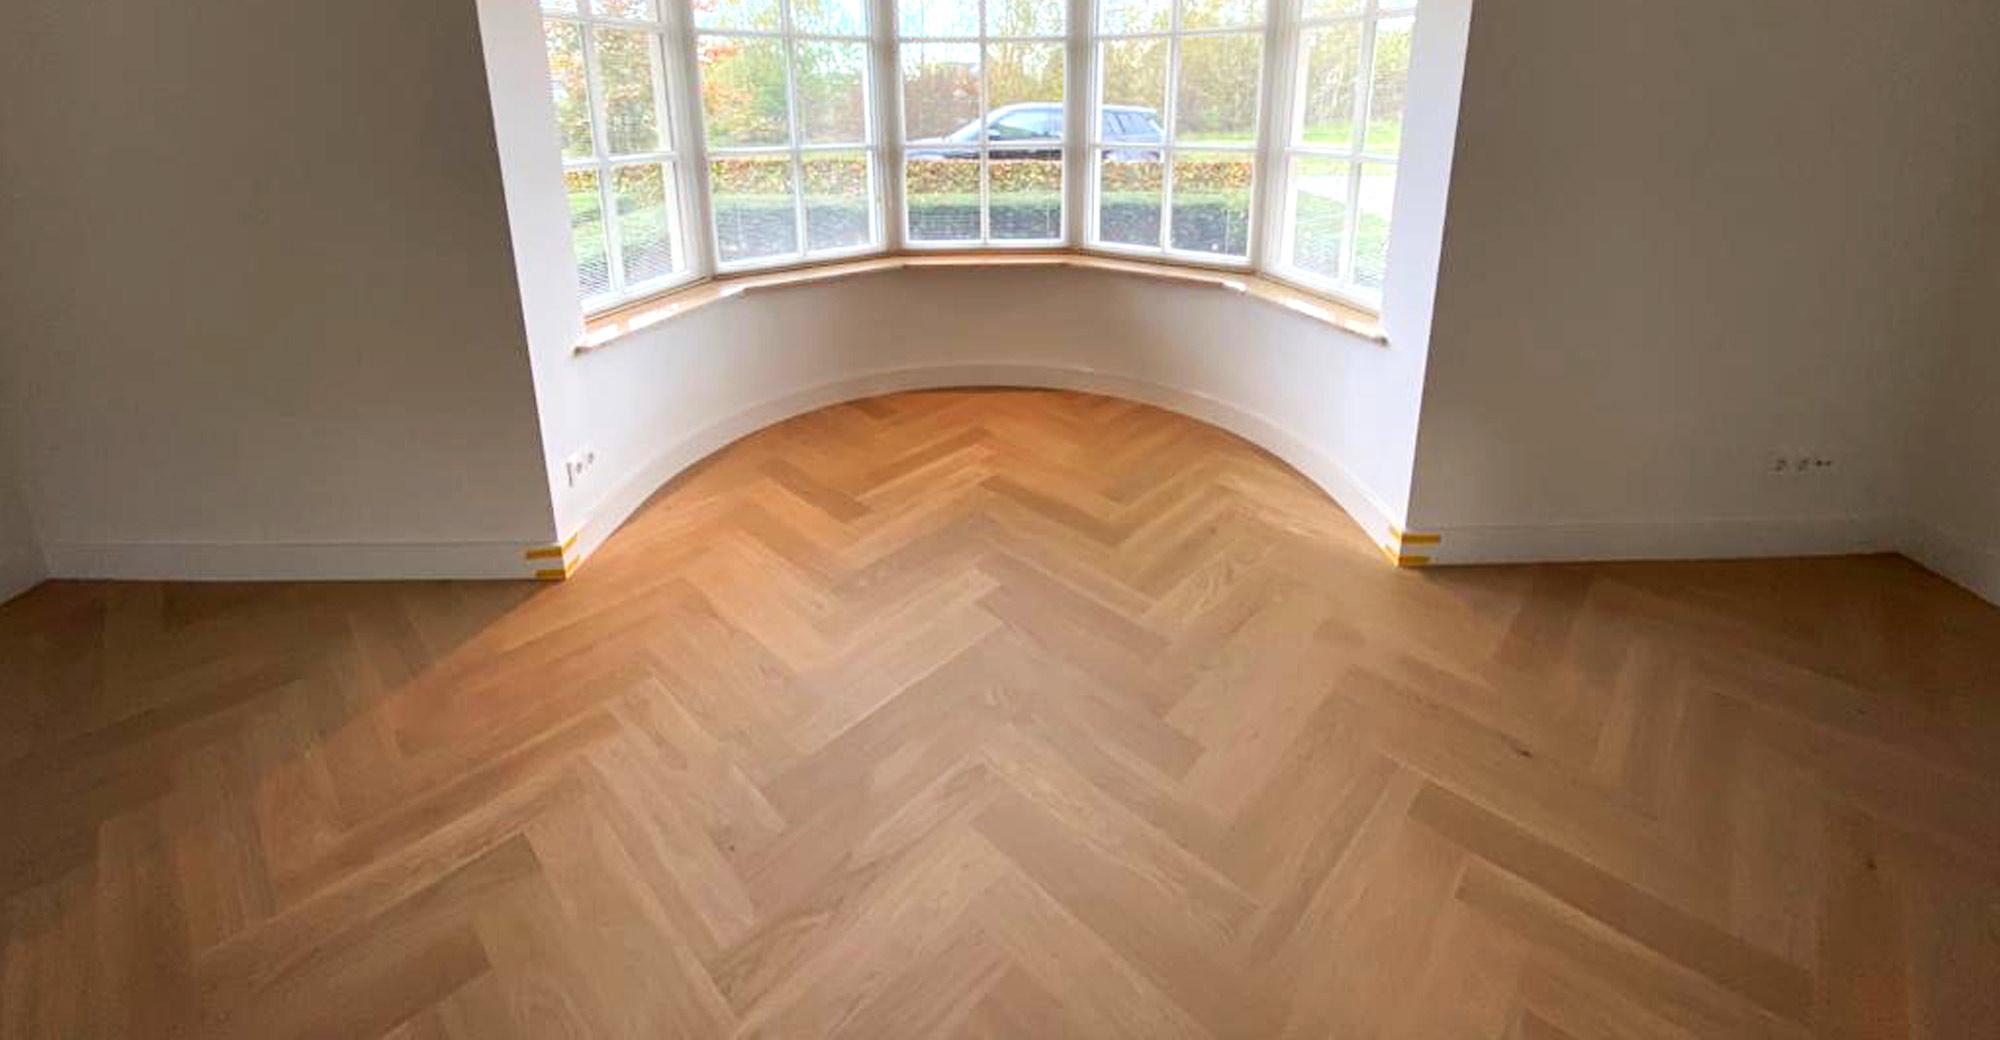 Houten visgraat vloer van Bauwerk: ideaal voor elk interieur en vloerverwarming!